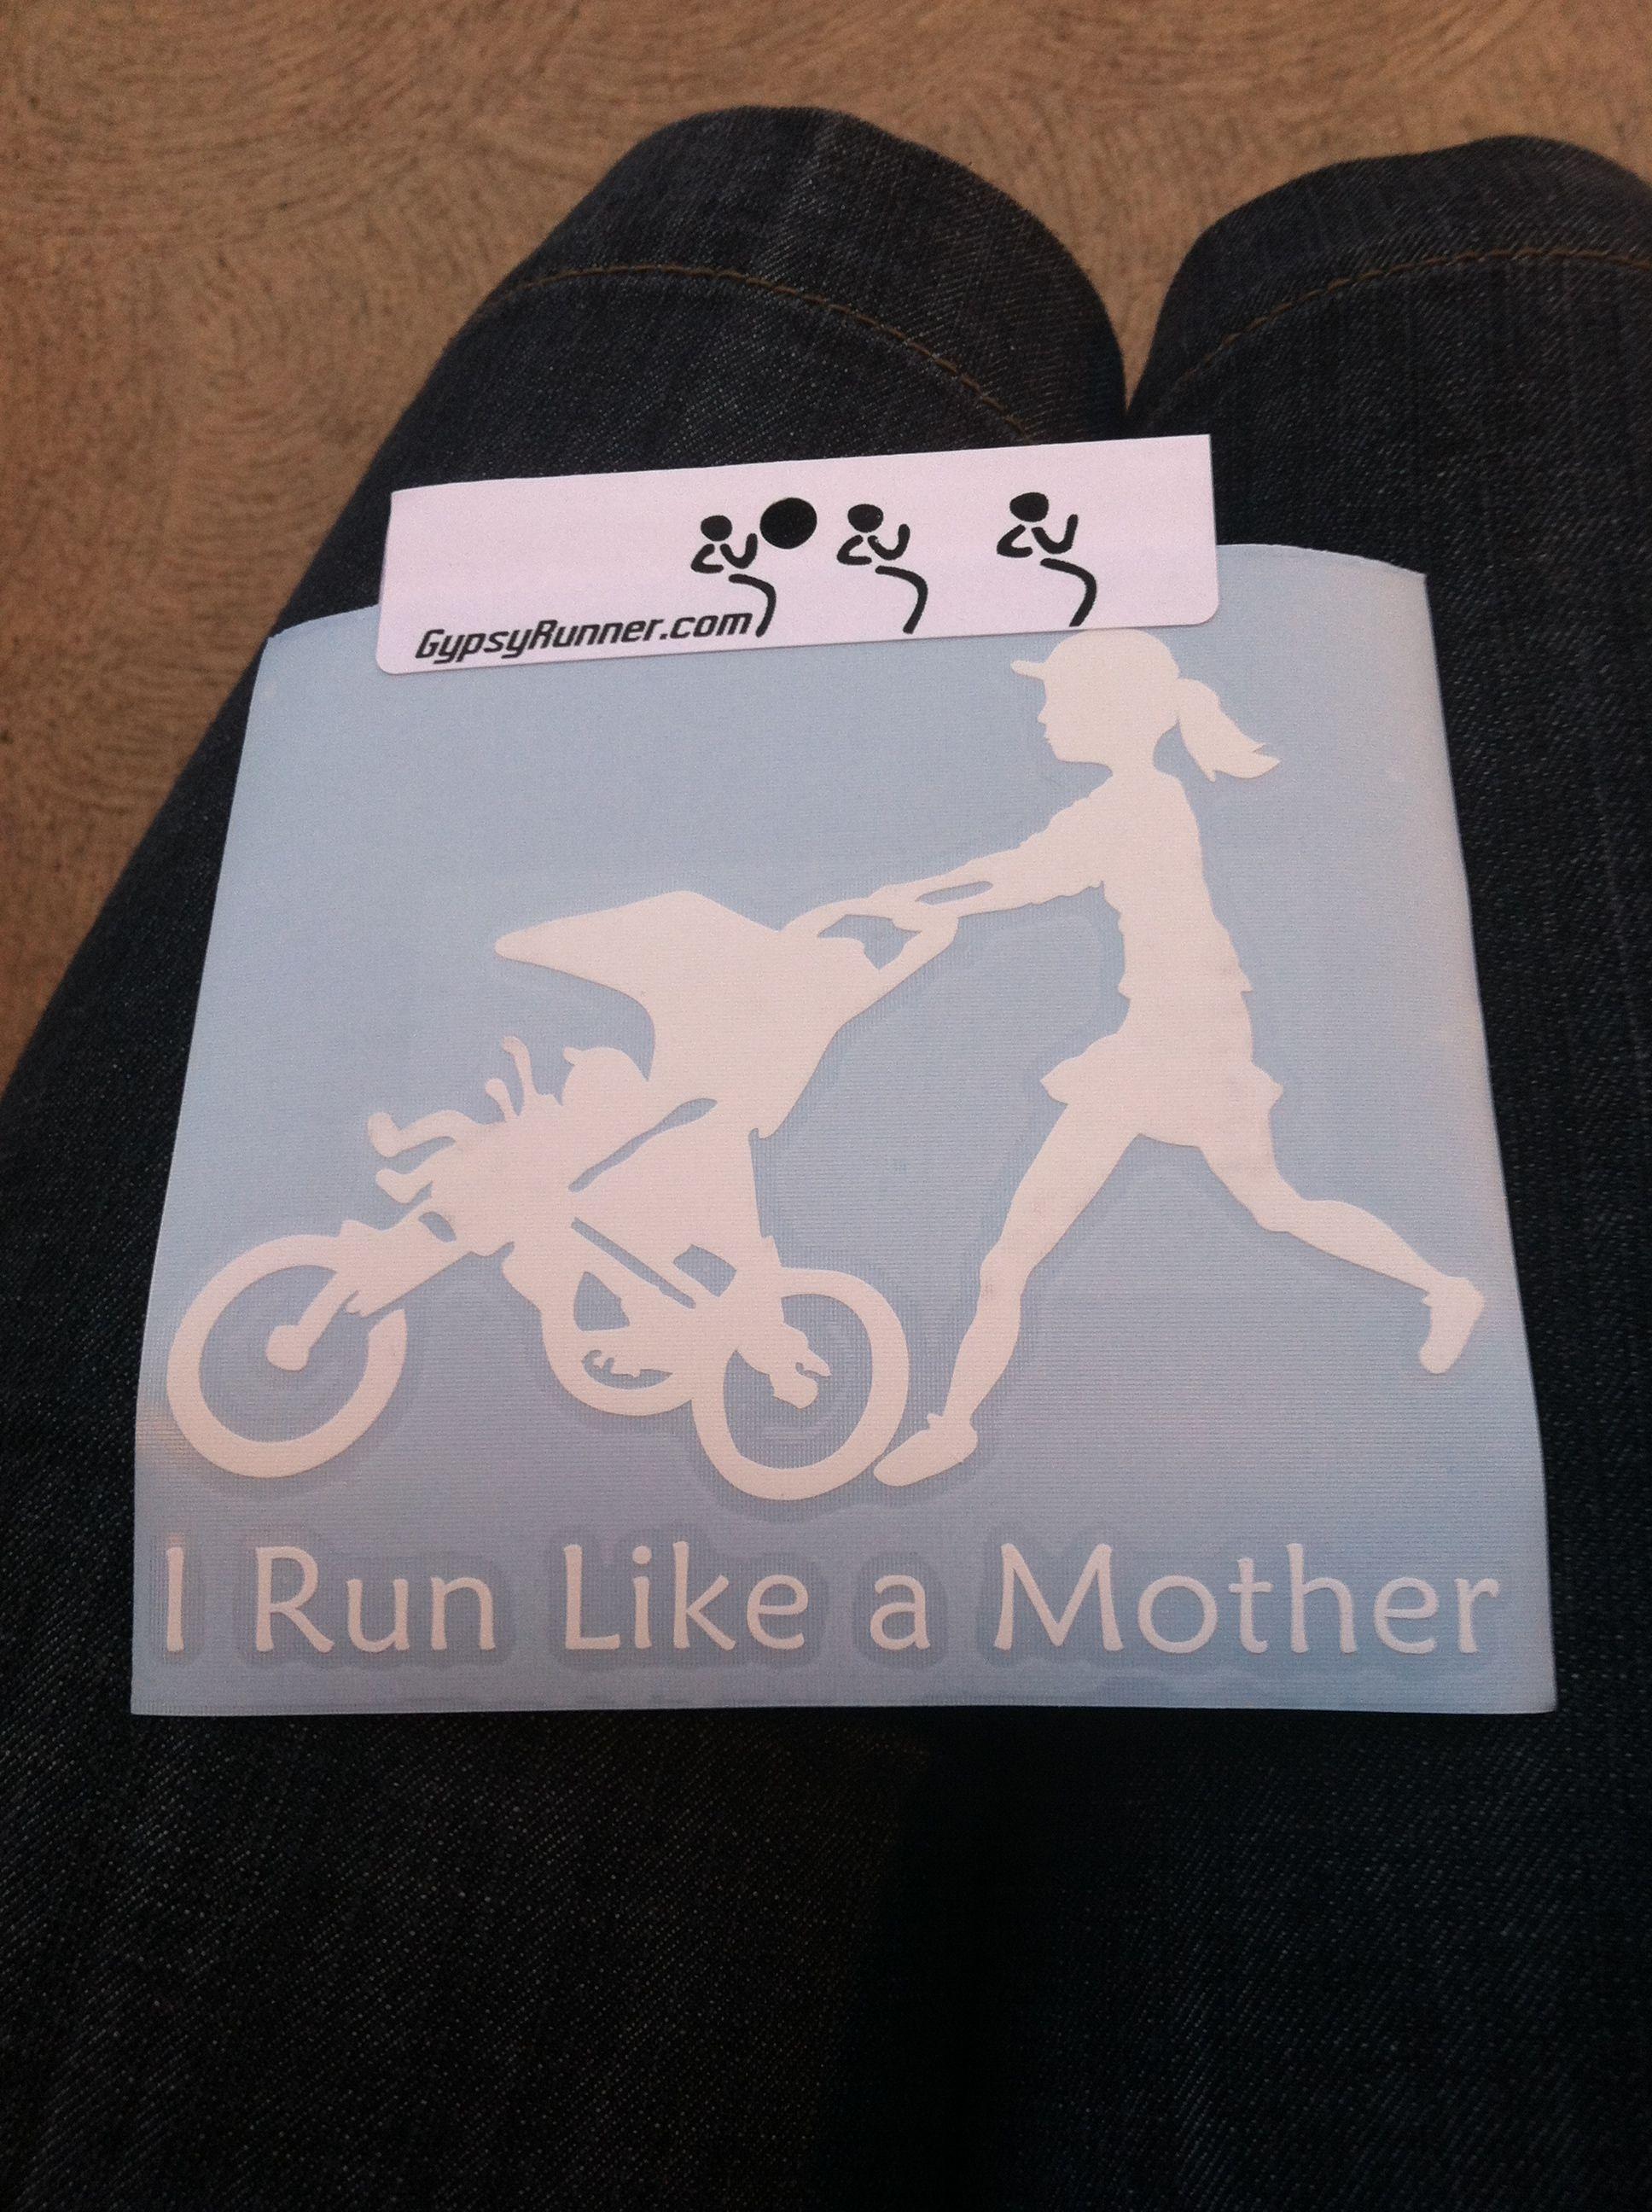 I run like a Mutha